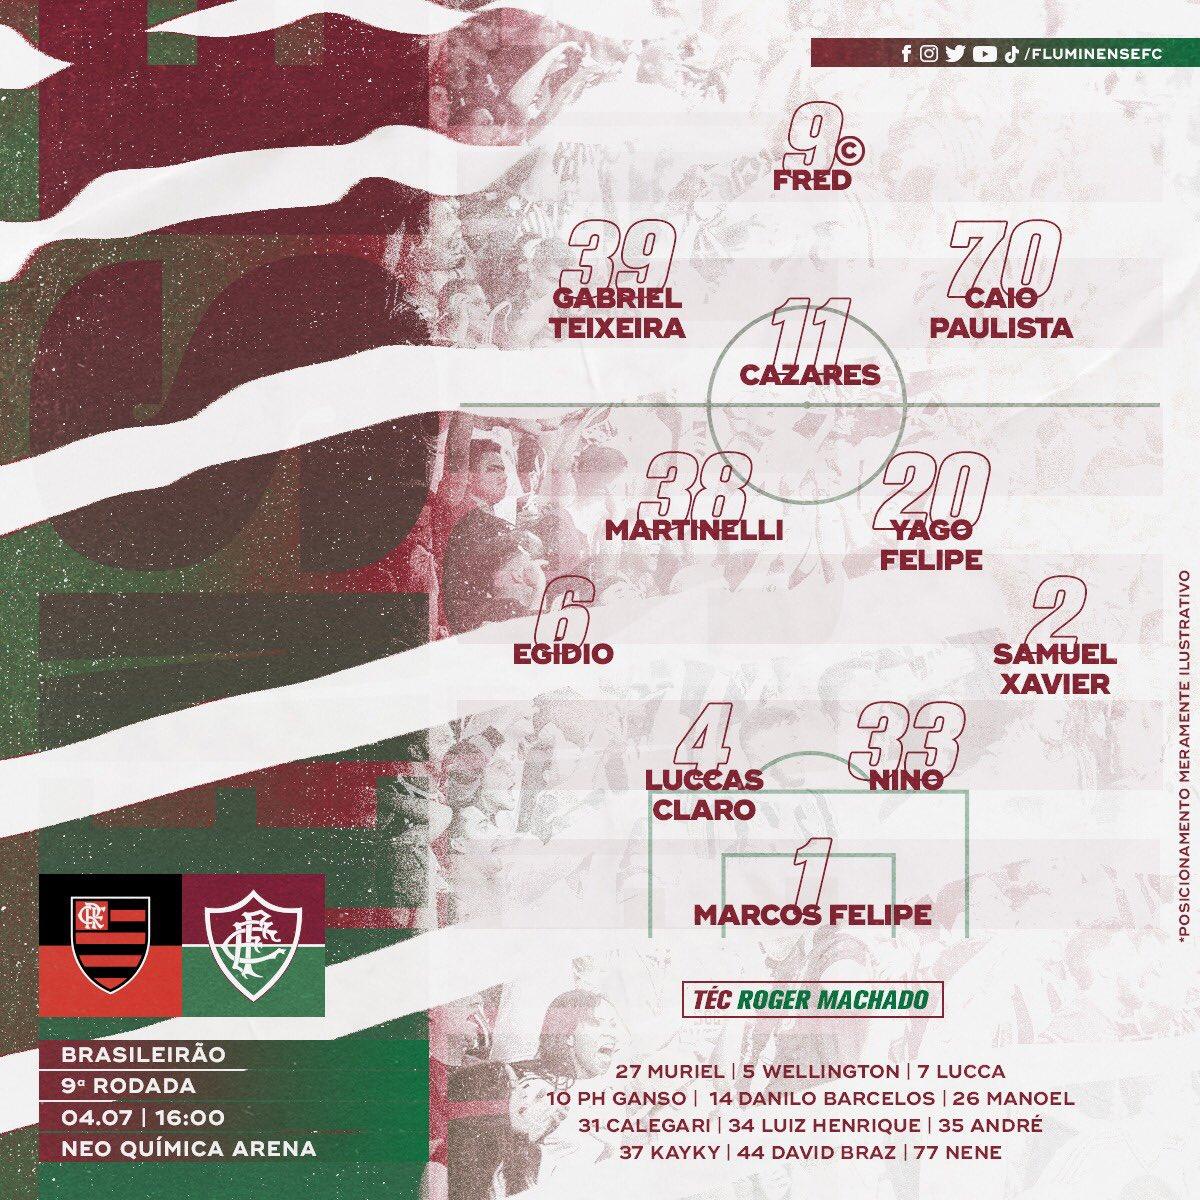 Fluminense escalado para pegar o Flamengo pela Série A